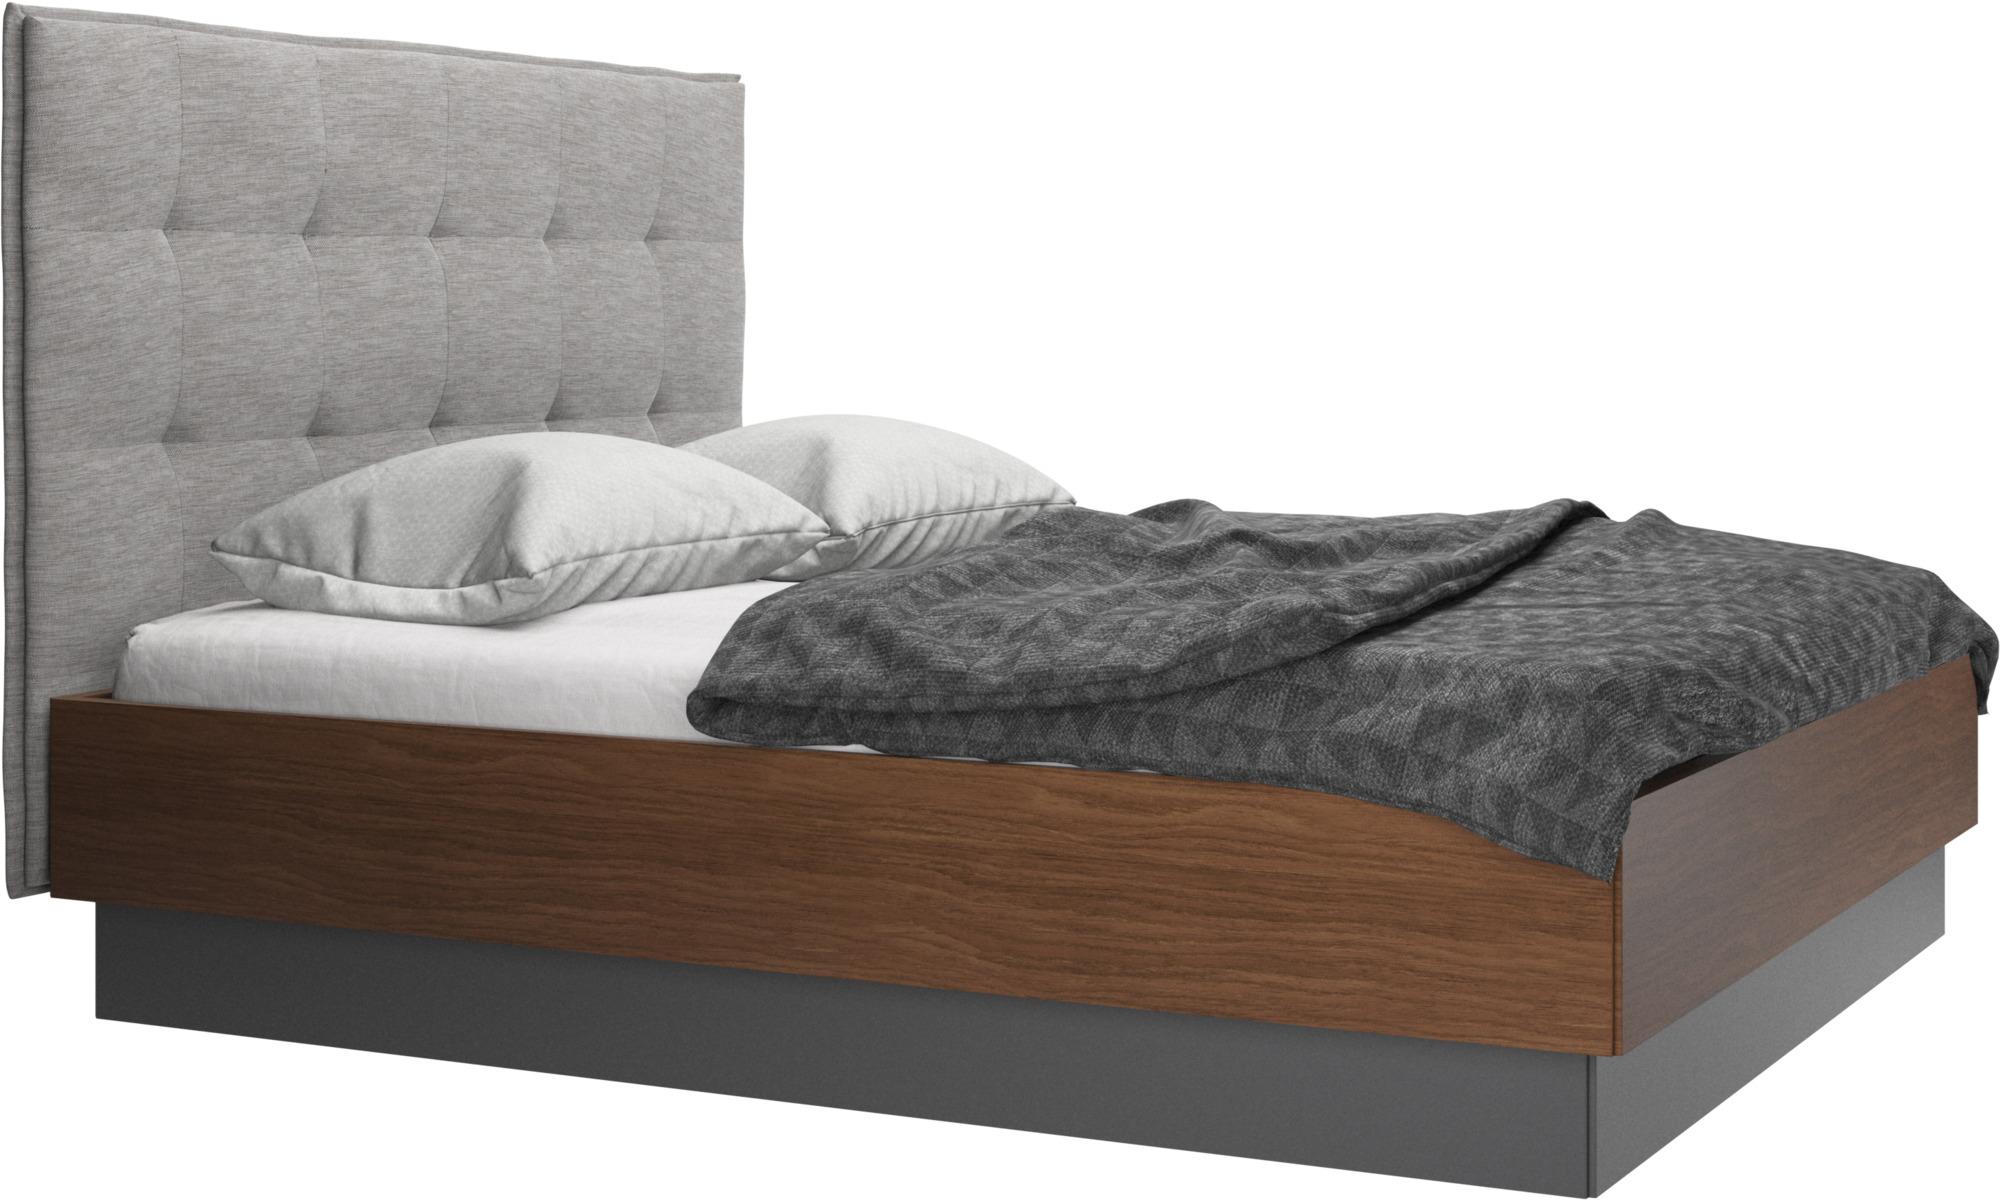 Camas - Cama con canapé Lugano, estructura elevable y tablado, no incluye colchón - En gris - Tela